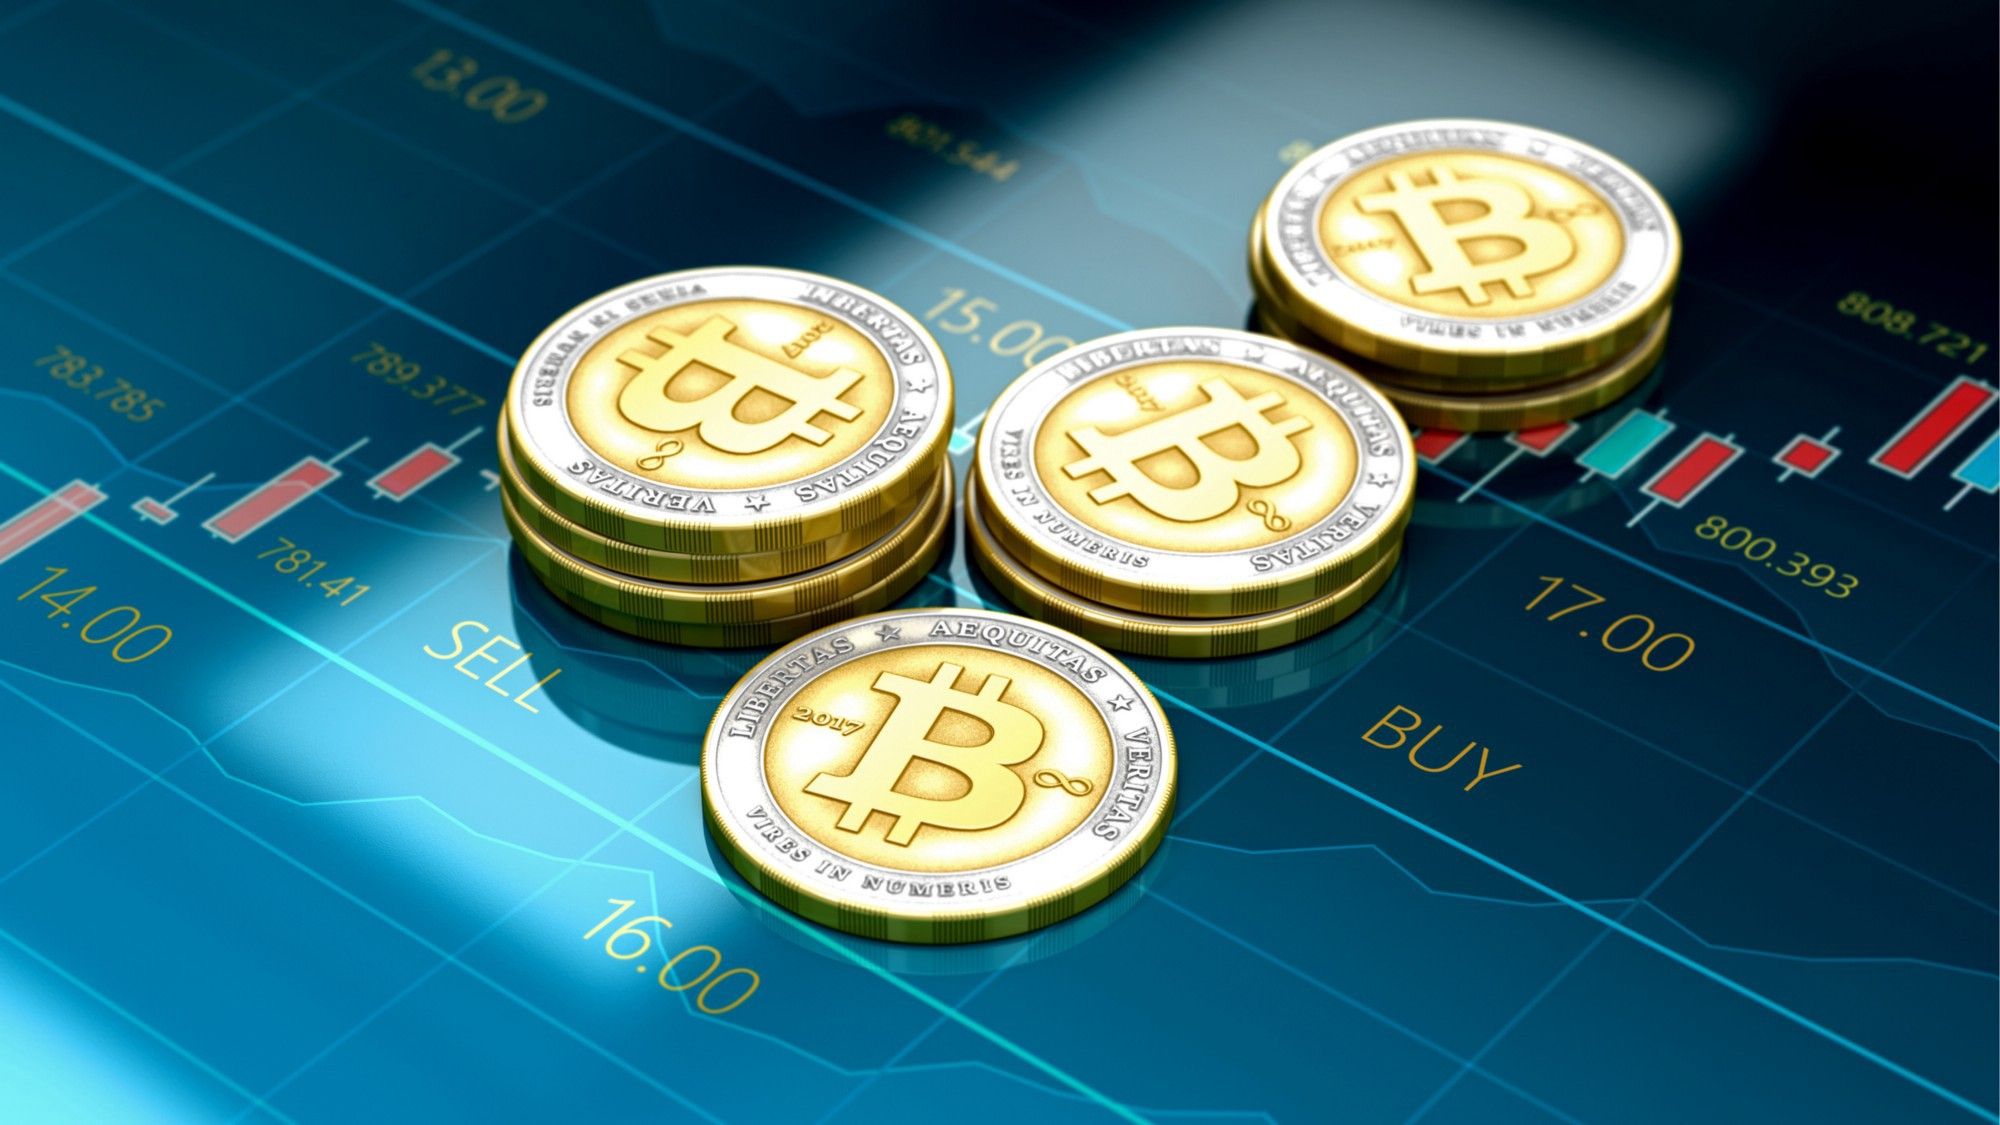 центральные банки, виртуальная валюта, цифровая валюта, биткоин